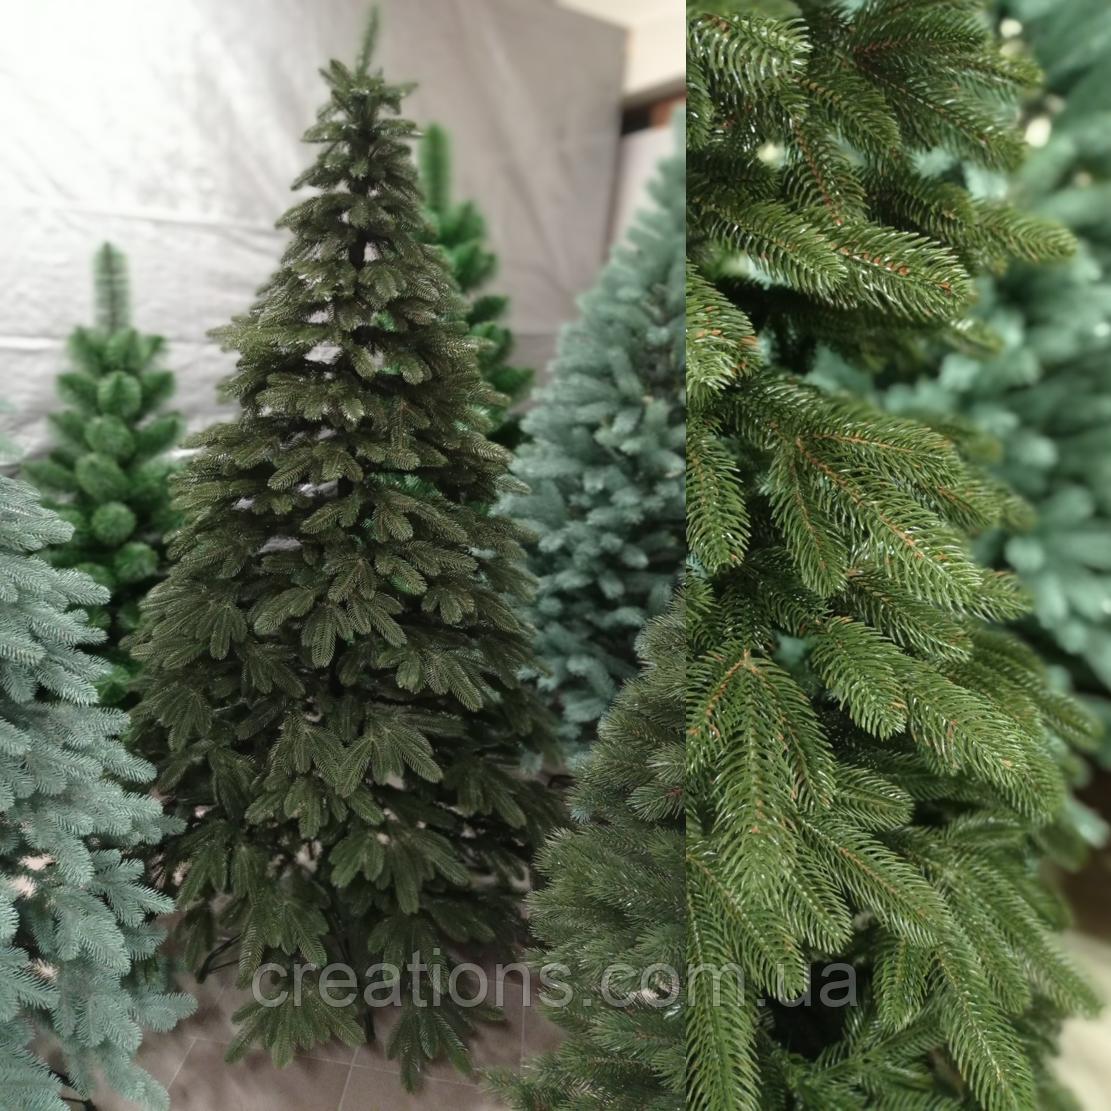 Елка Элитная литая Премиум 2.3 м. зеленая, реалистическая новогодняя, натуральная с подставкой